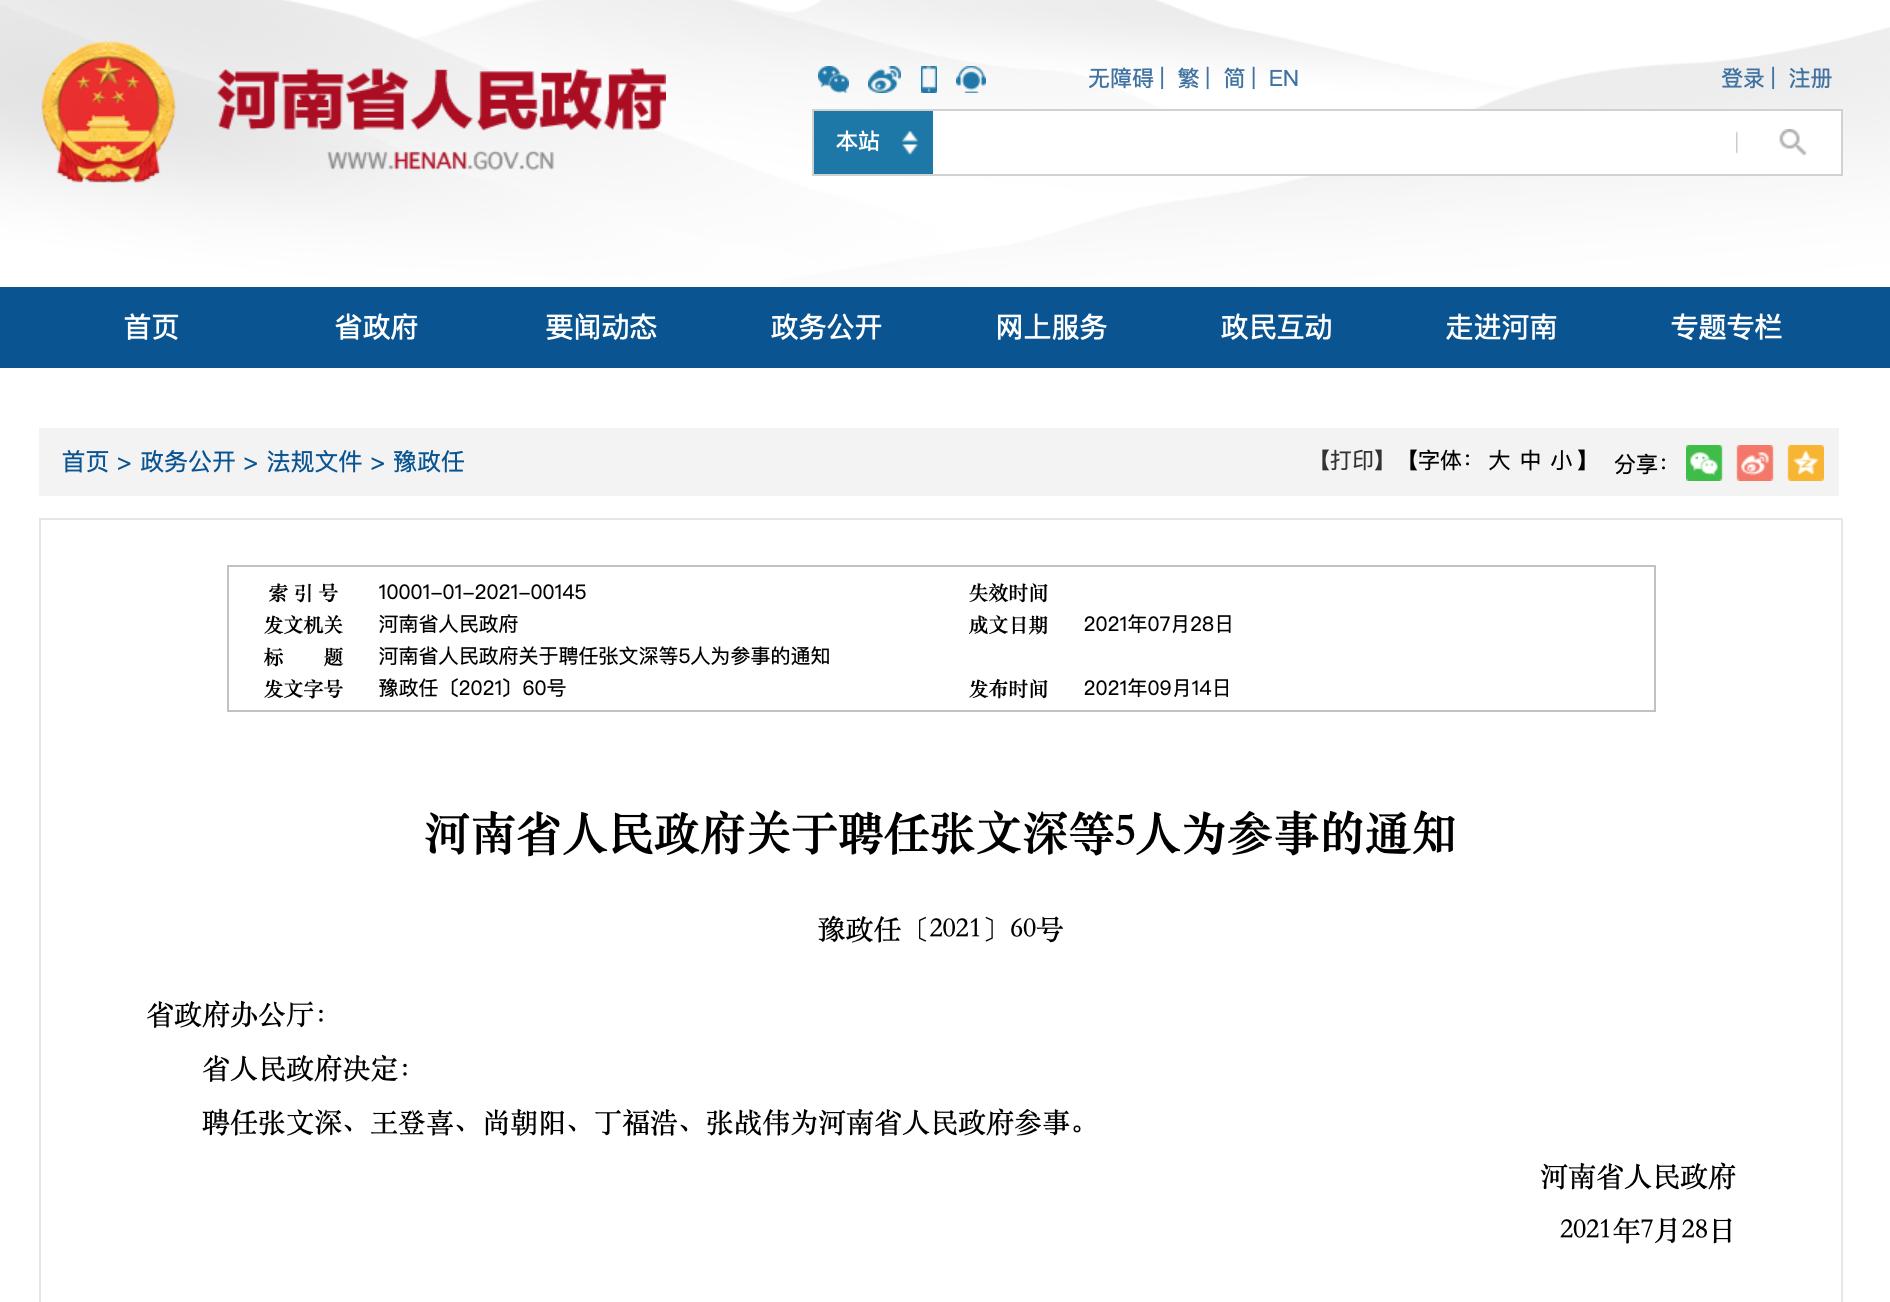 截图来源:河南省政府官网